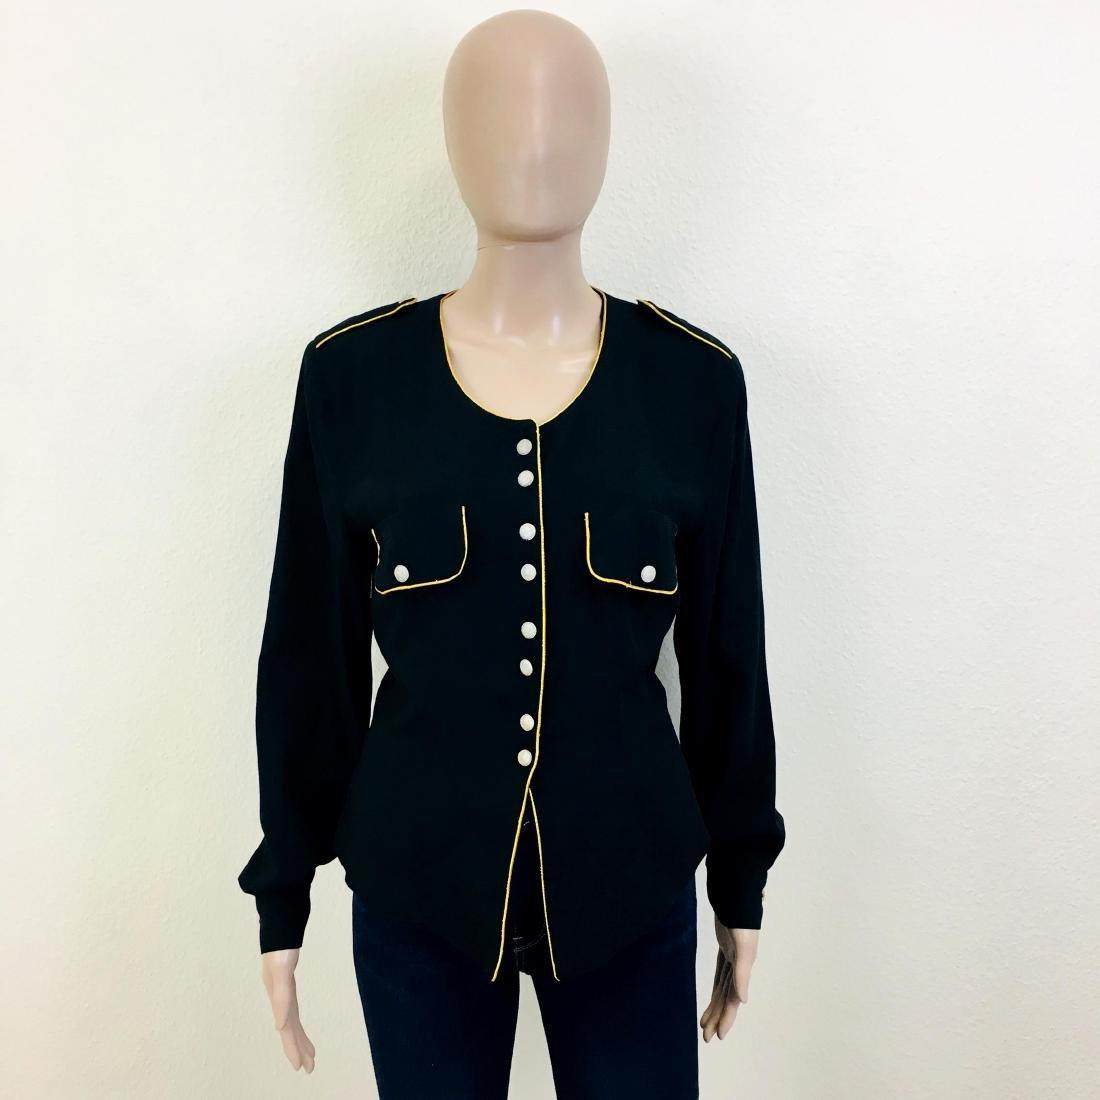 Vintage Women's Jardin Designer Top Blouse Jacket